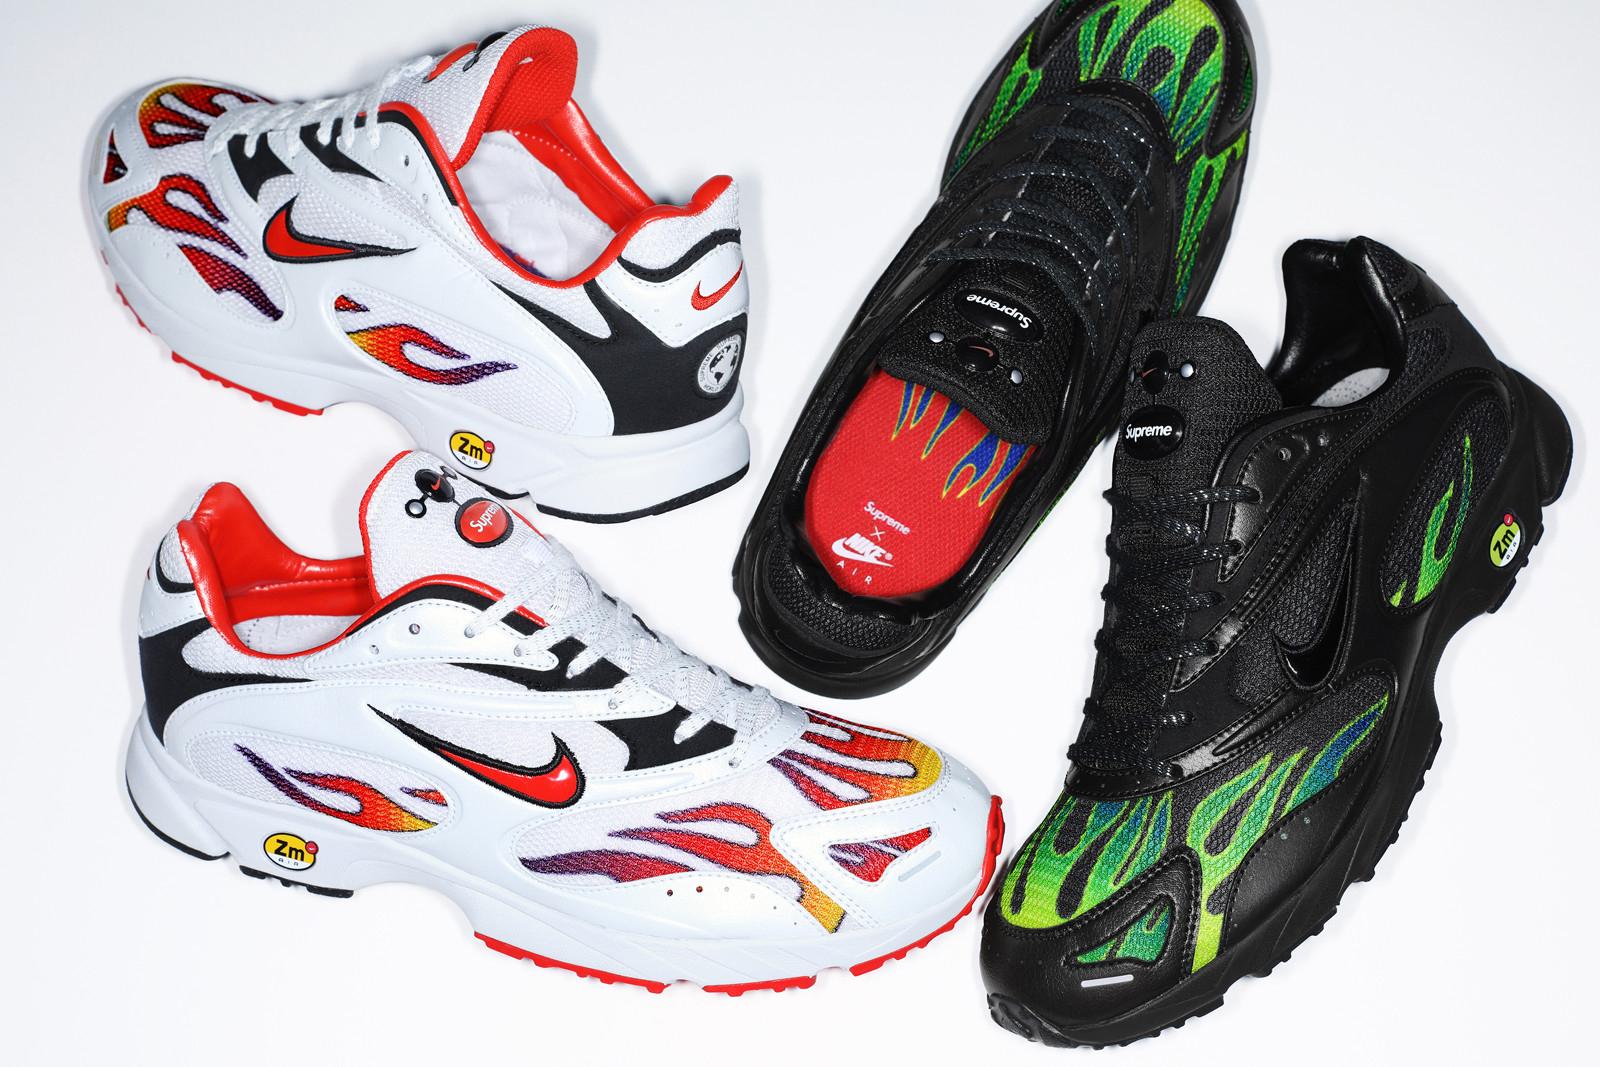 细数 Supreme 也未能「捧红」的 Nike 冷门鞋款